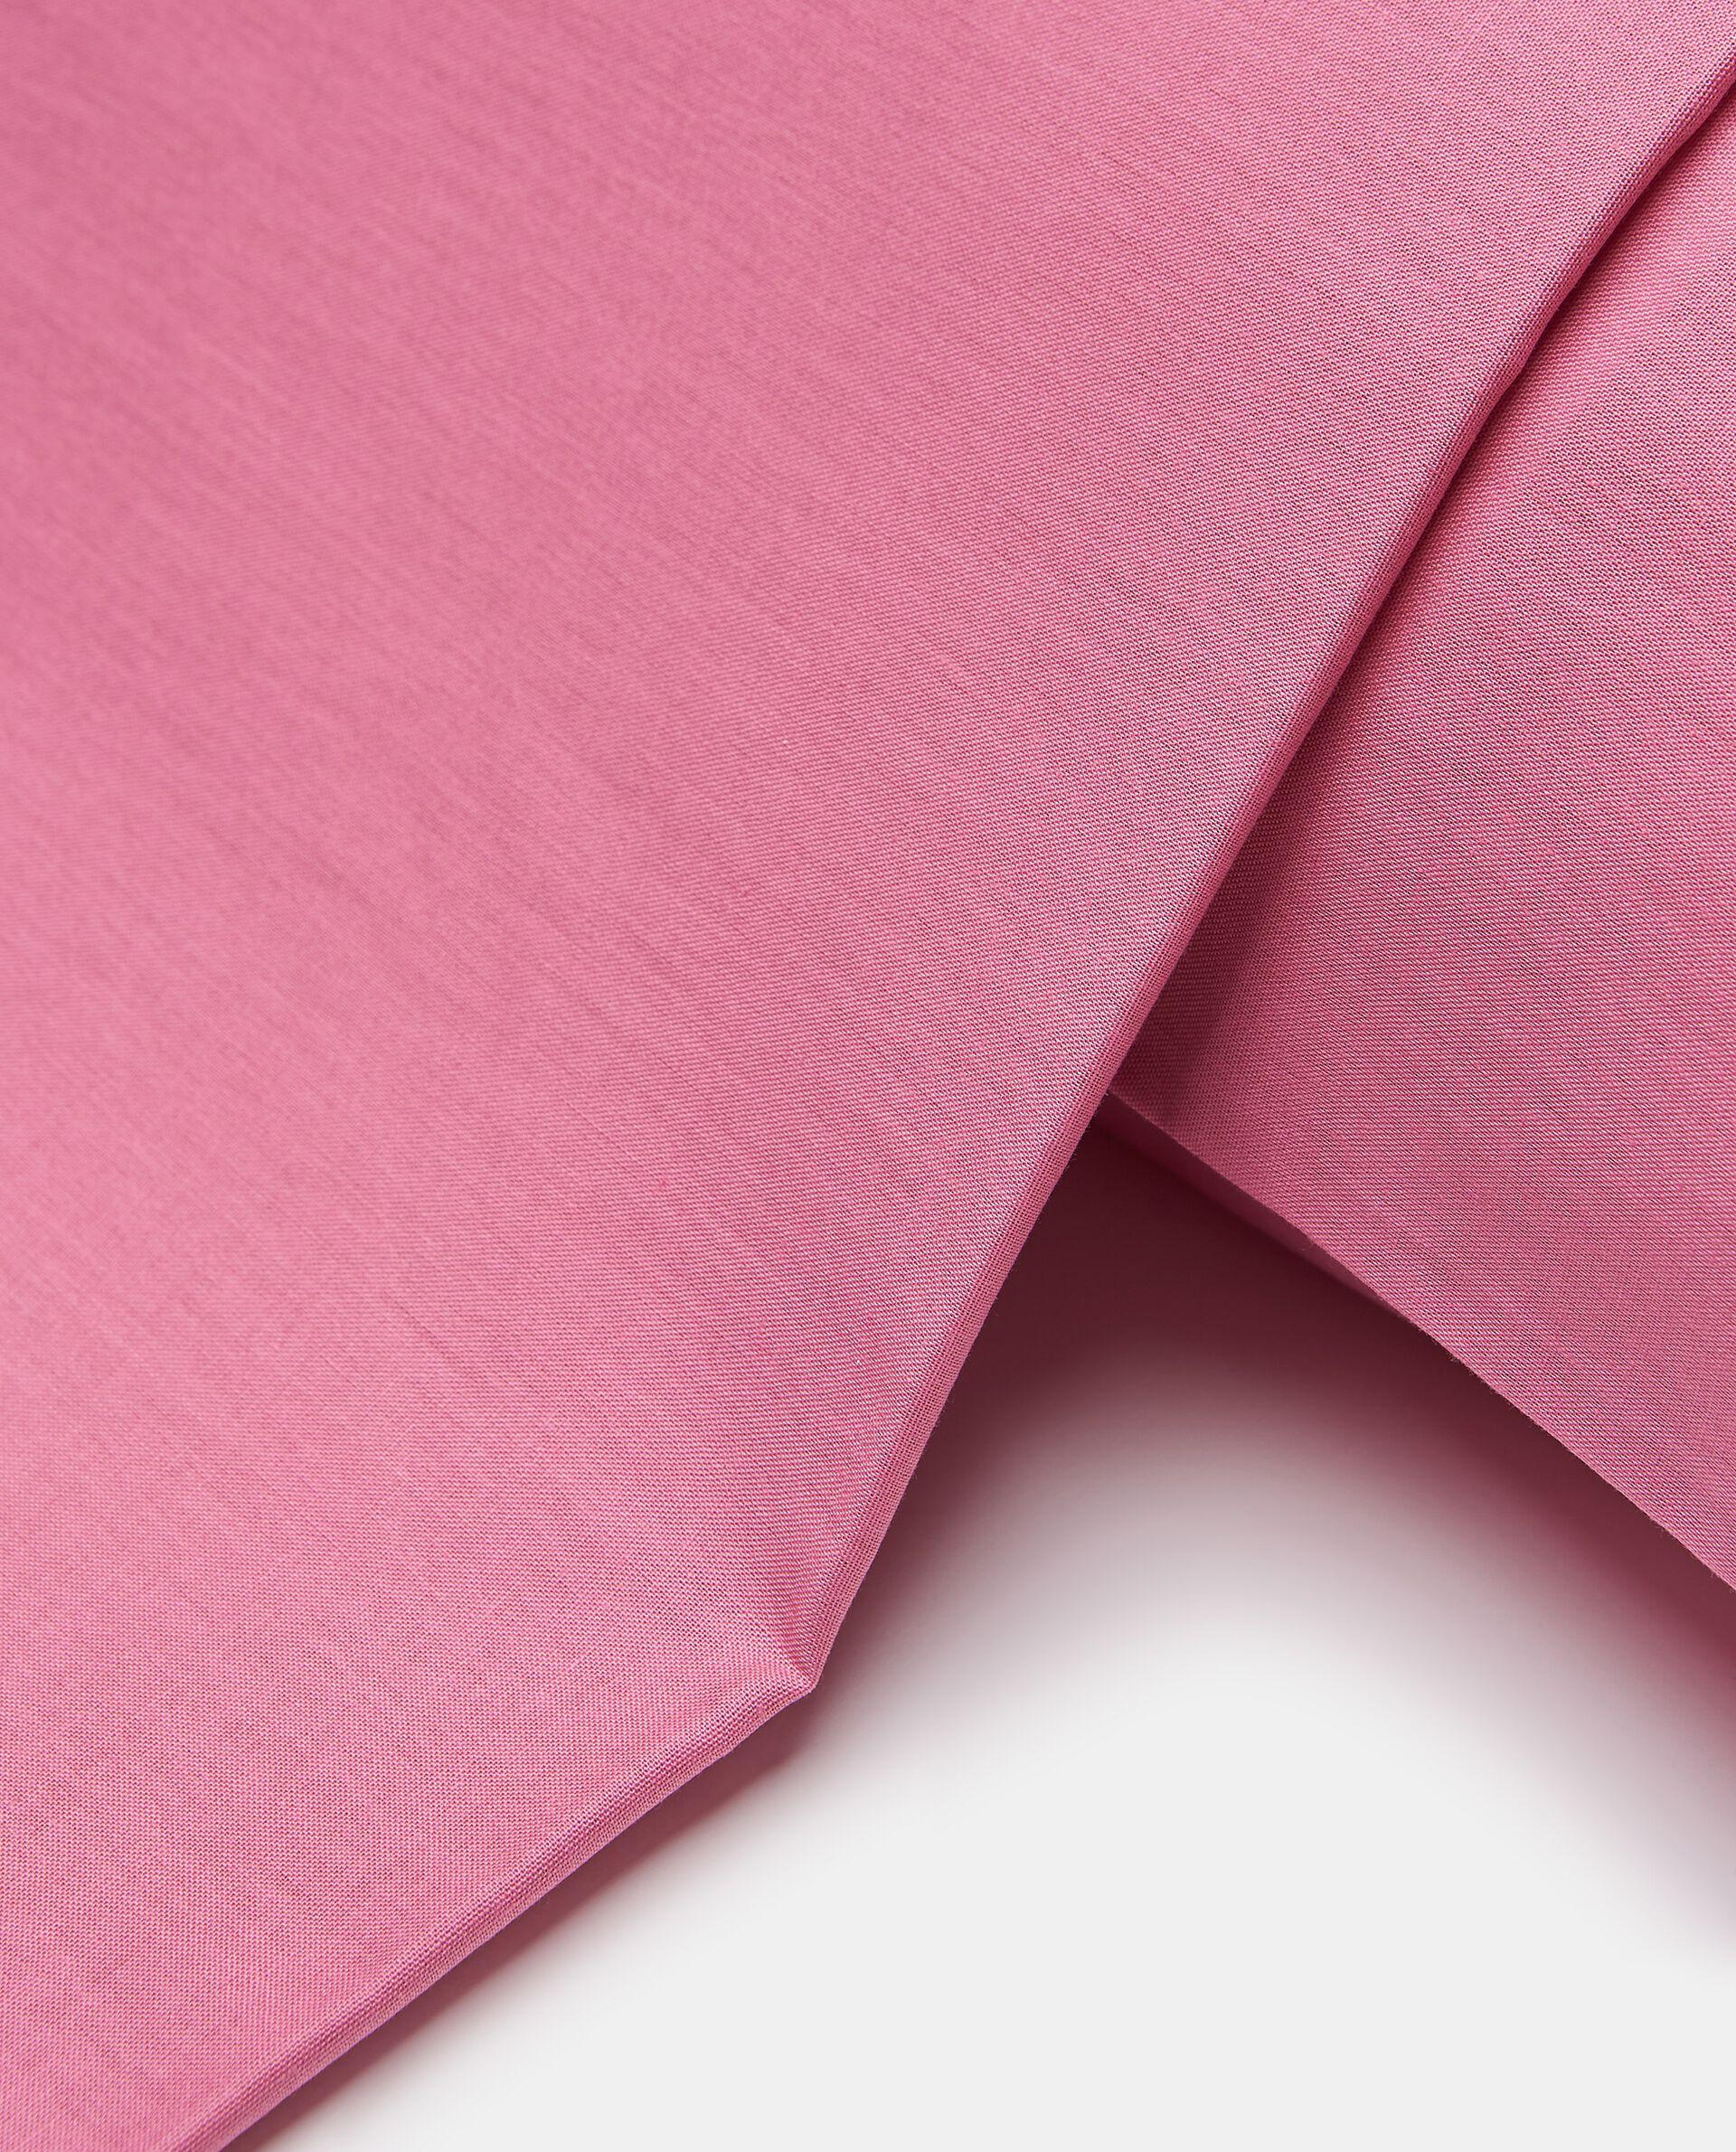 Parure lenzuolo tinta unita di puro cotone